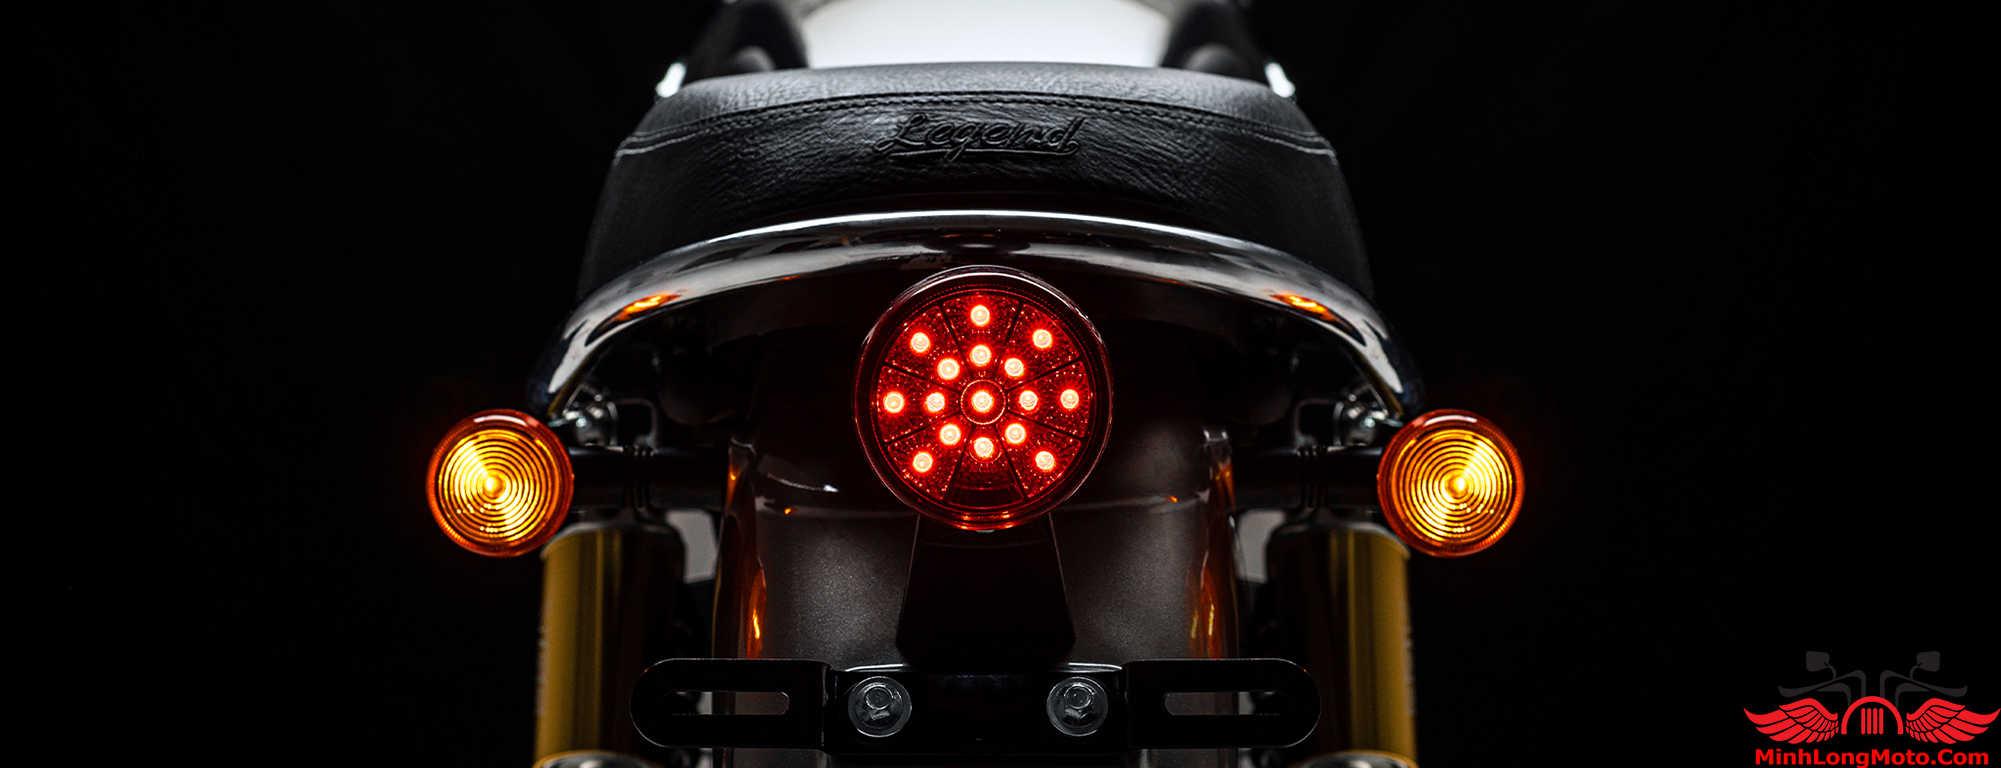 Đèn hậu của GPX Legend 250 Twin